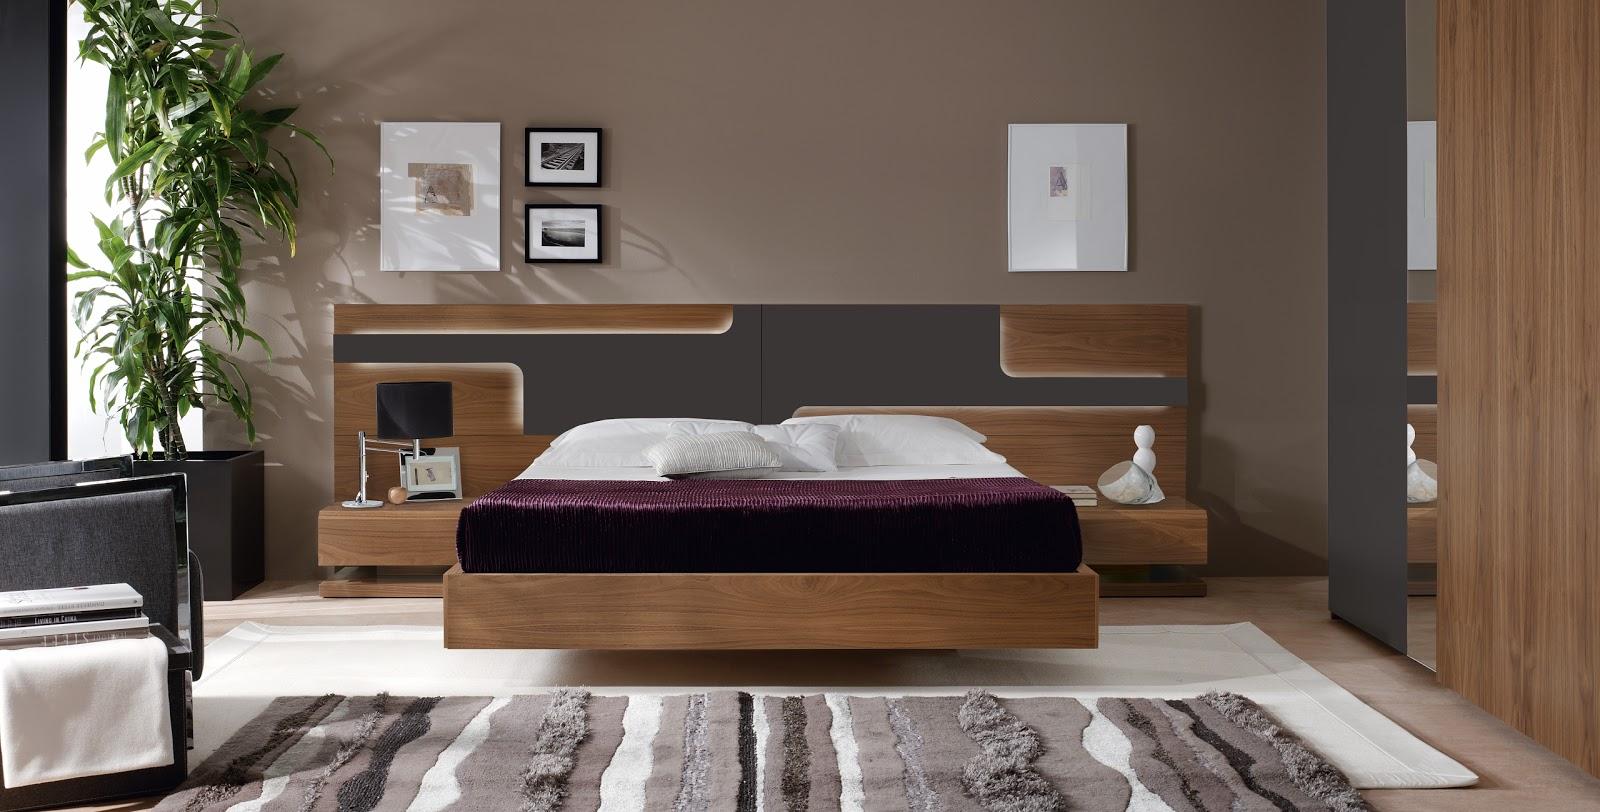 Dormitorios de matrimonio living for Muebles exterior diseno moderno